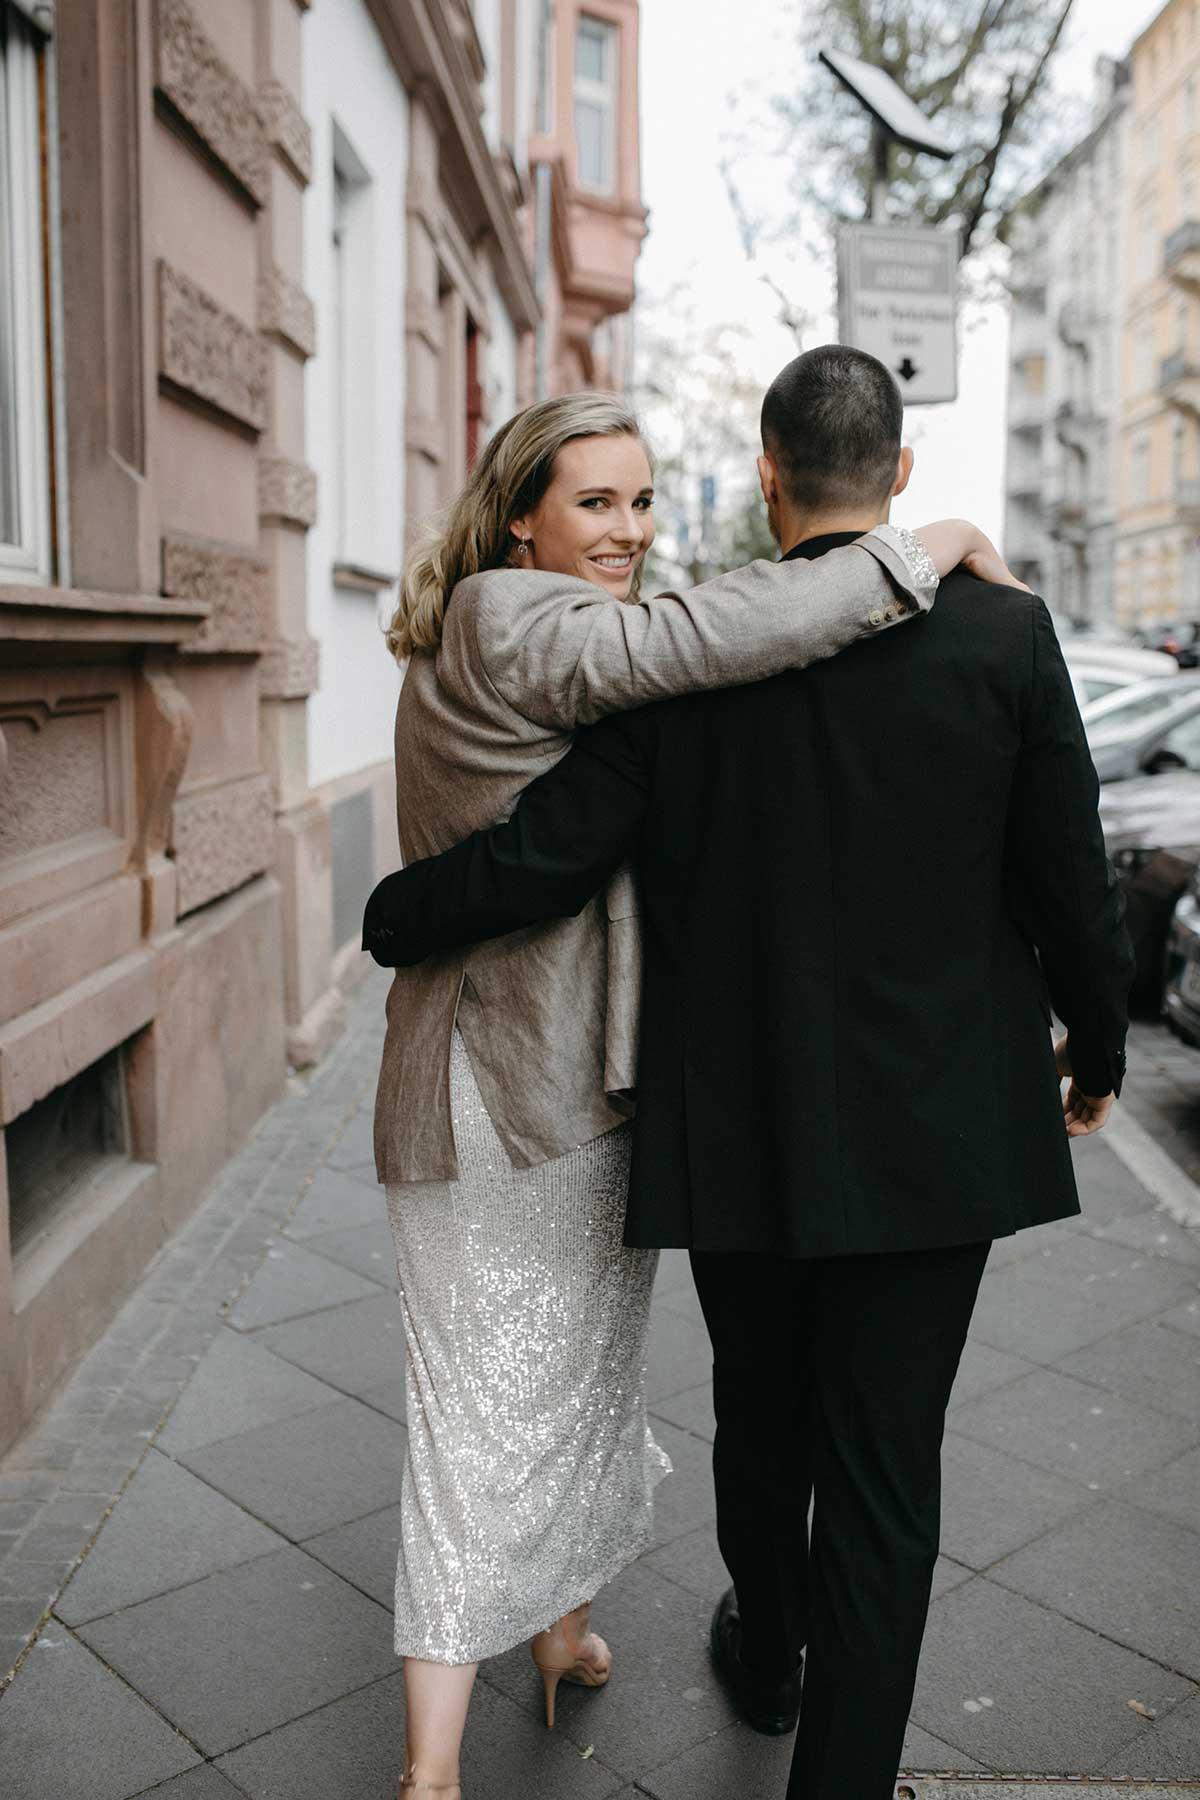 Braut und Bräutigam auf dem Weg zum Standesamt